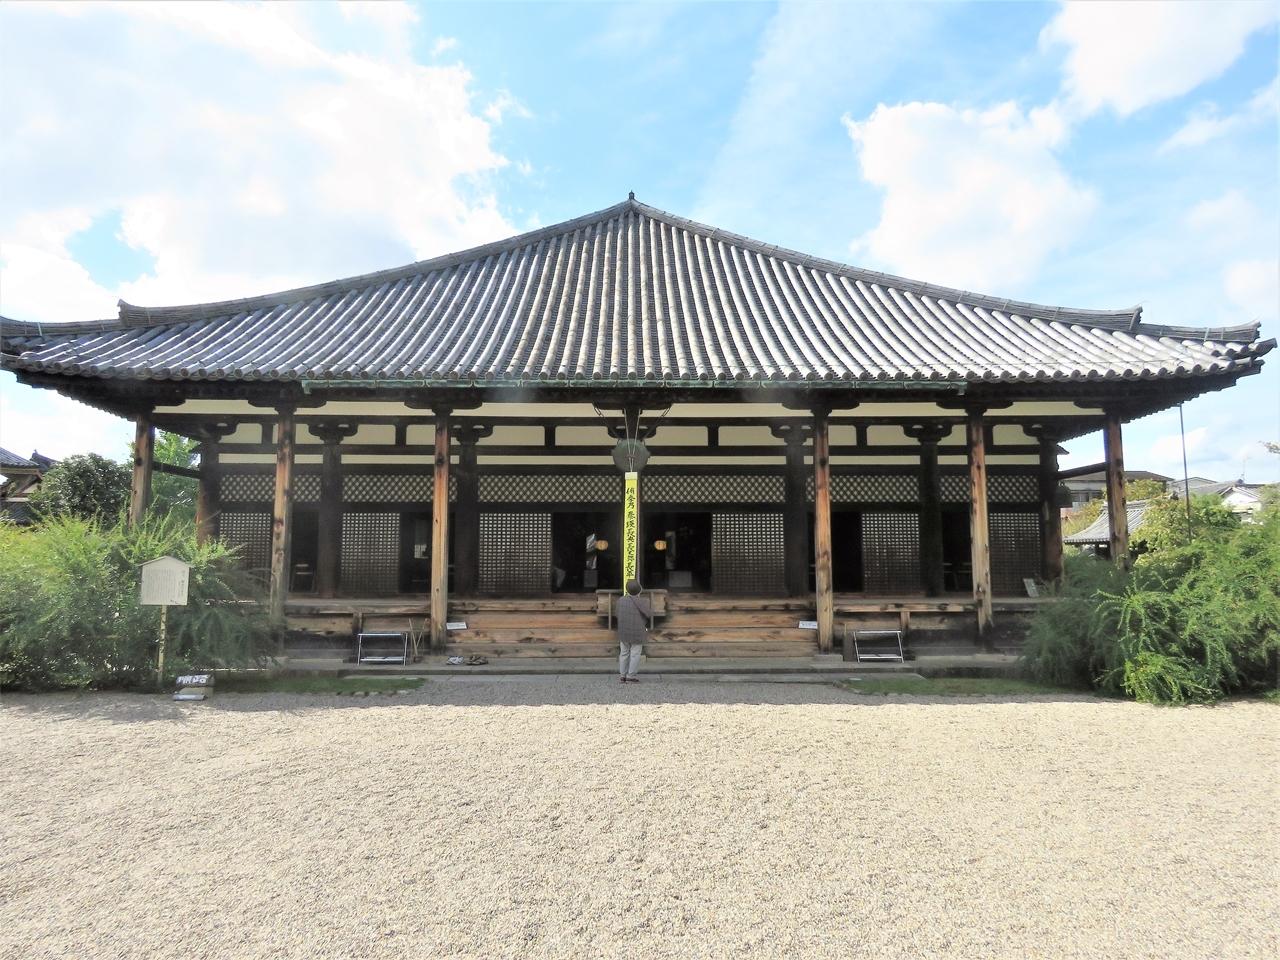 s-元興寺極楽堂 ならまち191020